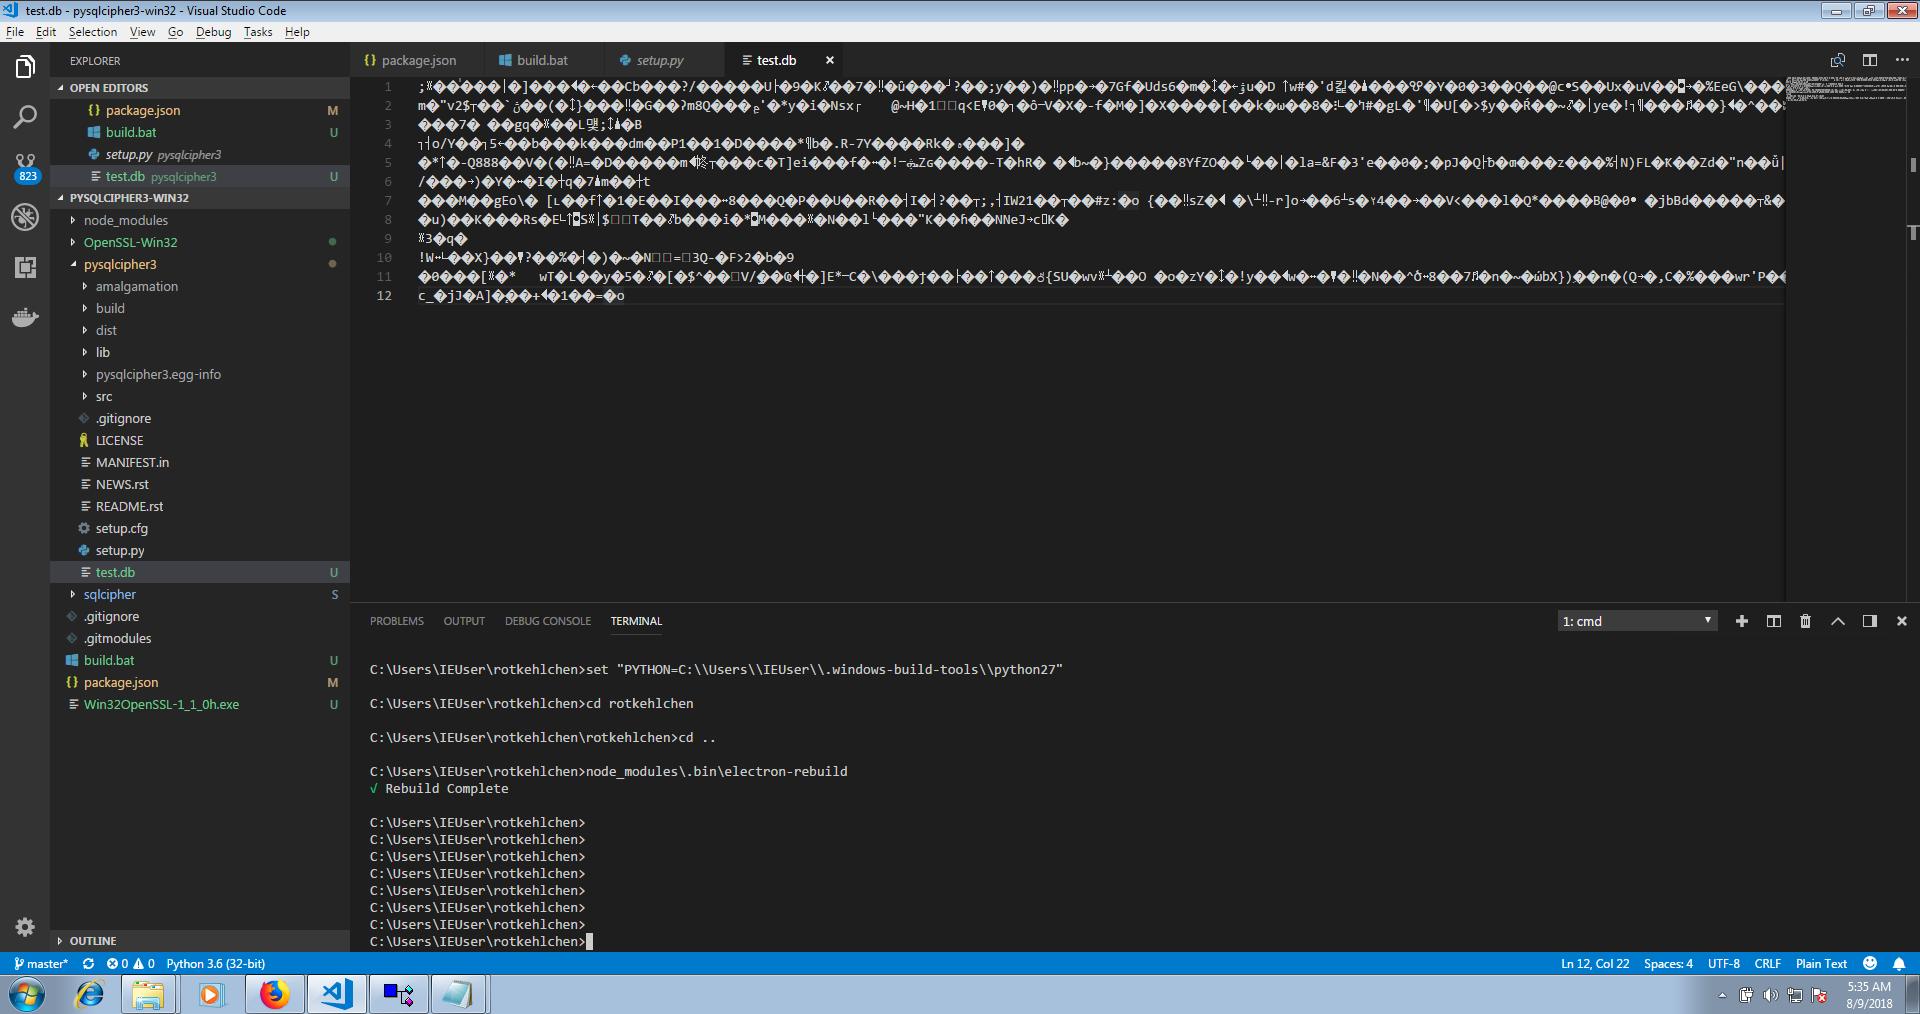 Add Windows Support · Issue #28 · rotkehlchenio/rotkehlchen